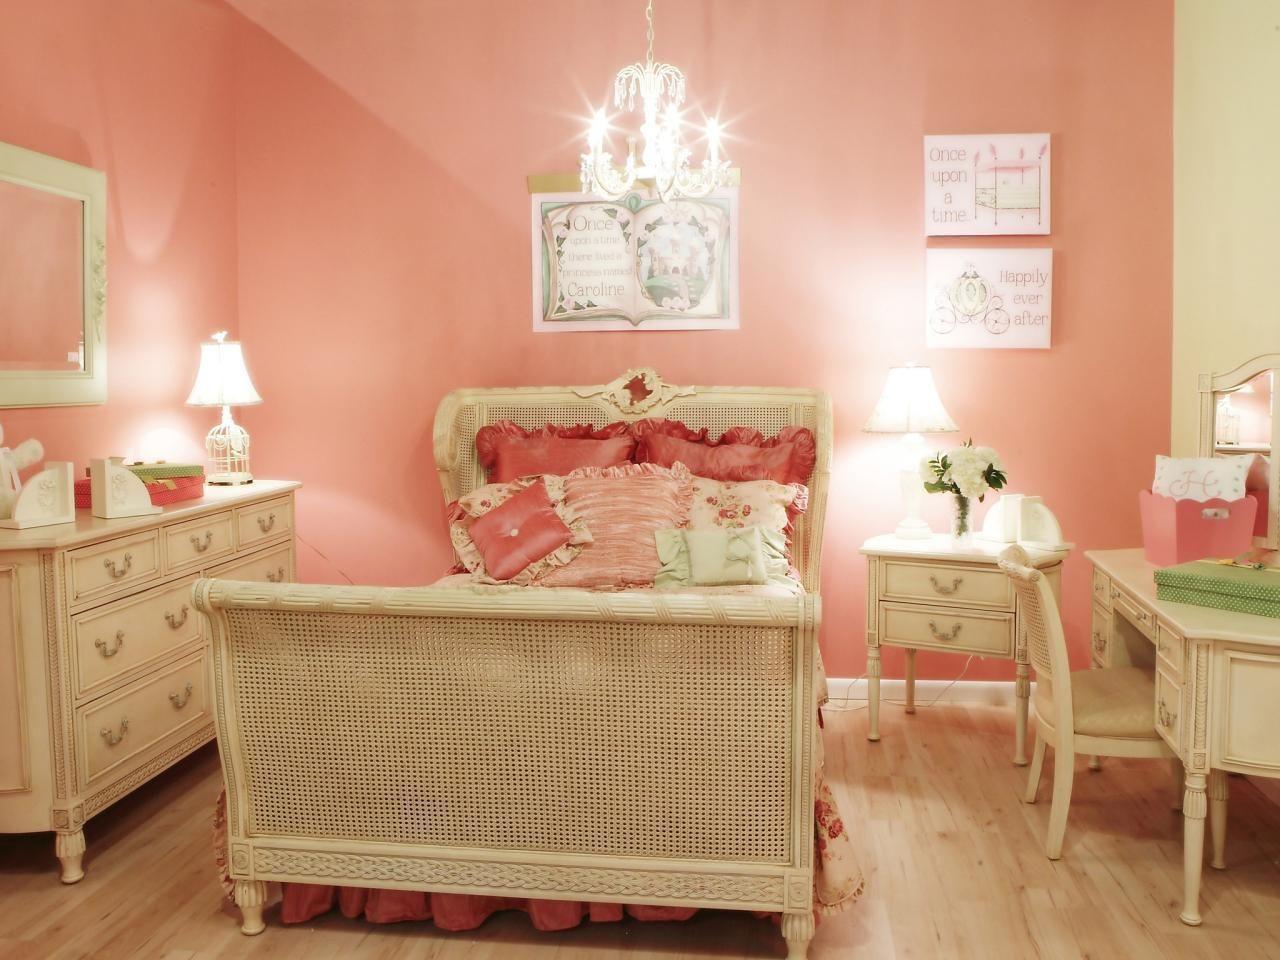 Farbe Entwürfe Für Schlafzimmer #Badezimmer #Büromöbel #Couchtisch #Deko  Ideen #Gartenmöbel #